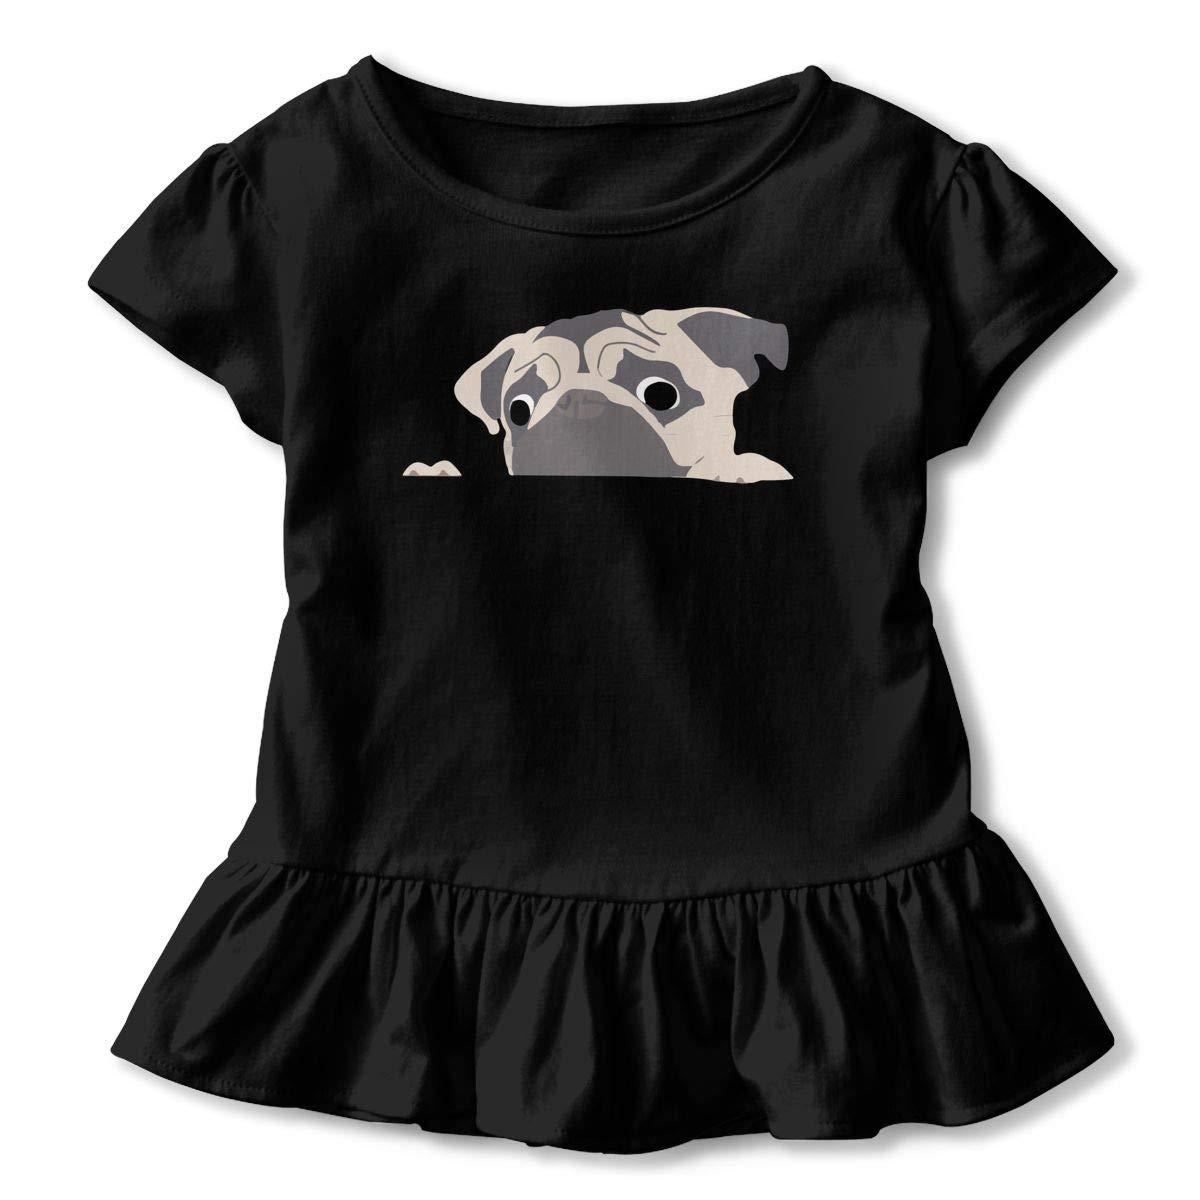 Pug Head T-Shirts Kids Girls Short Sleeve Ruffles Shirt Tee Jersey for 2-6T